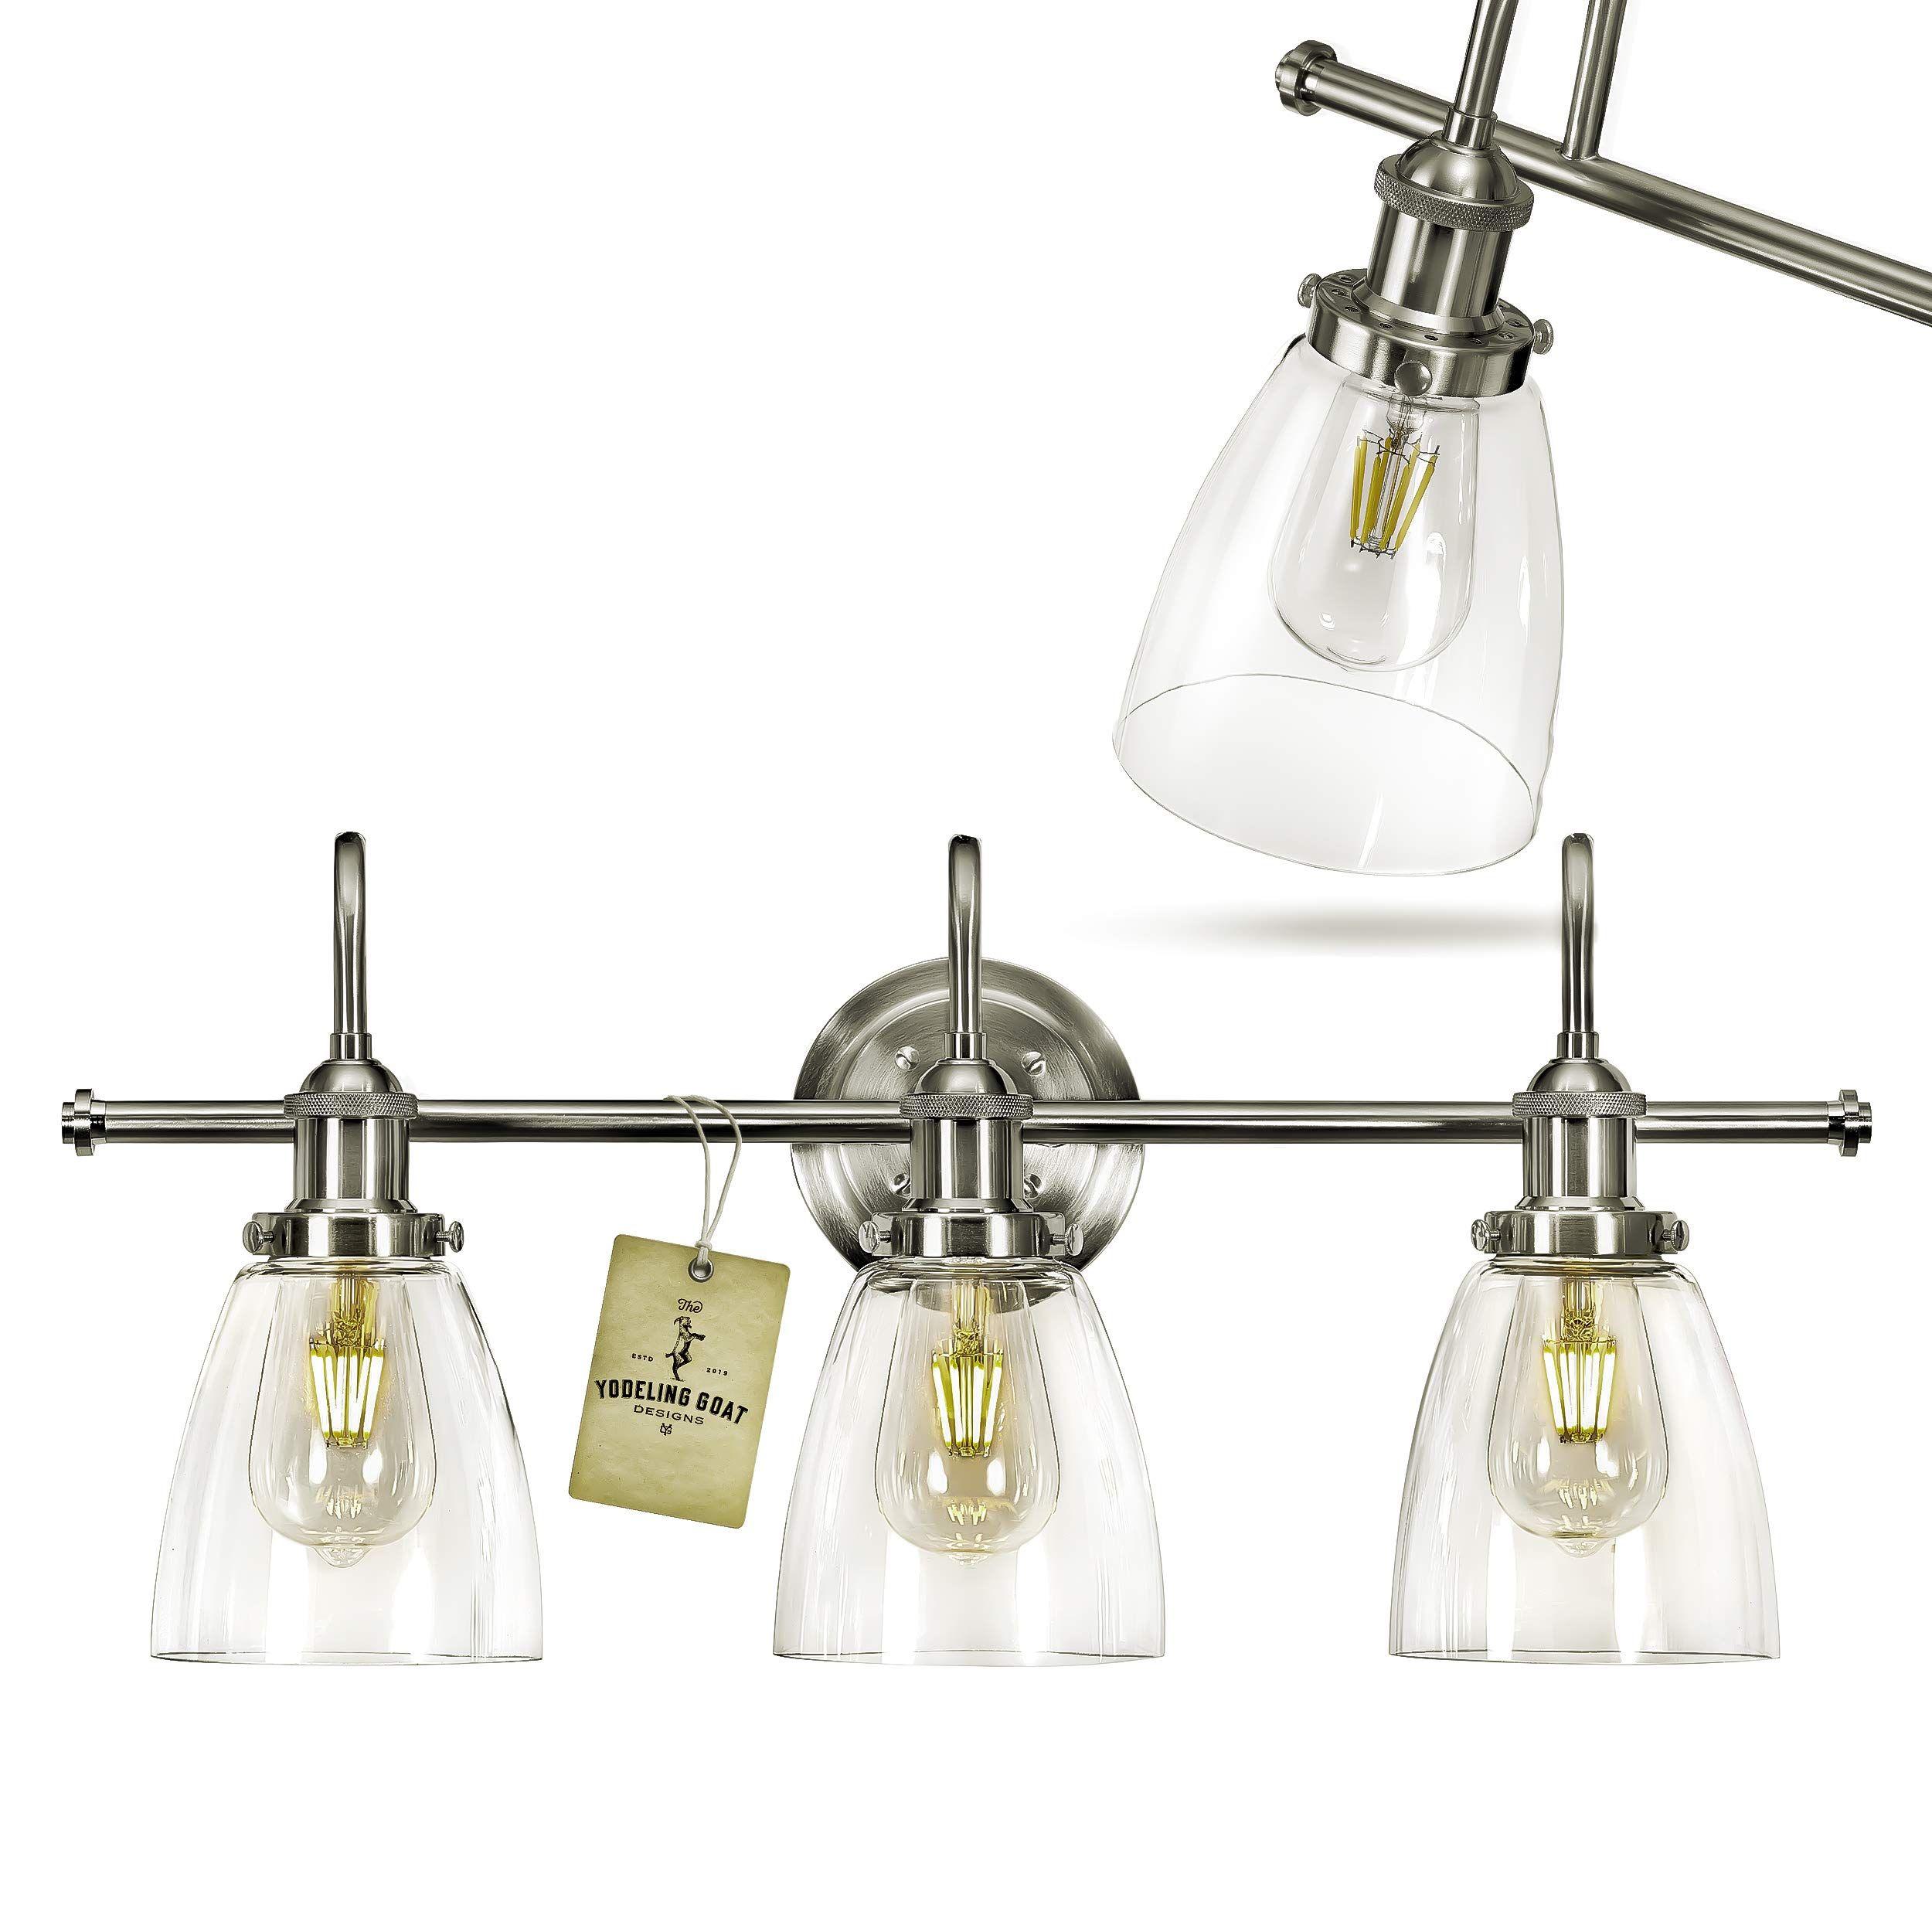 Bathroom Vanity Light Fixtures Brushed Nickel Vanity Light You Can Get More Details In 2020 Farmhouse Vanity Lights Light Fixtures Bathroom Vanity Bathroom Lighting